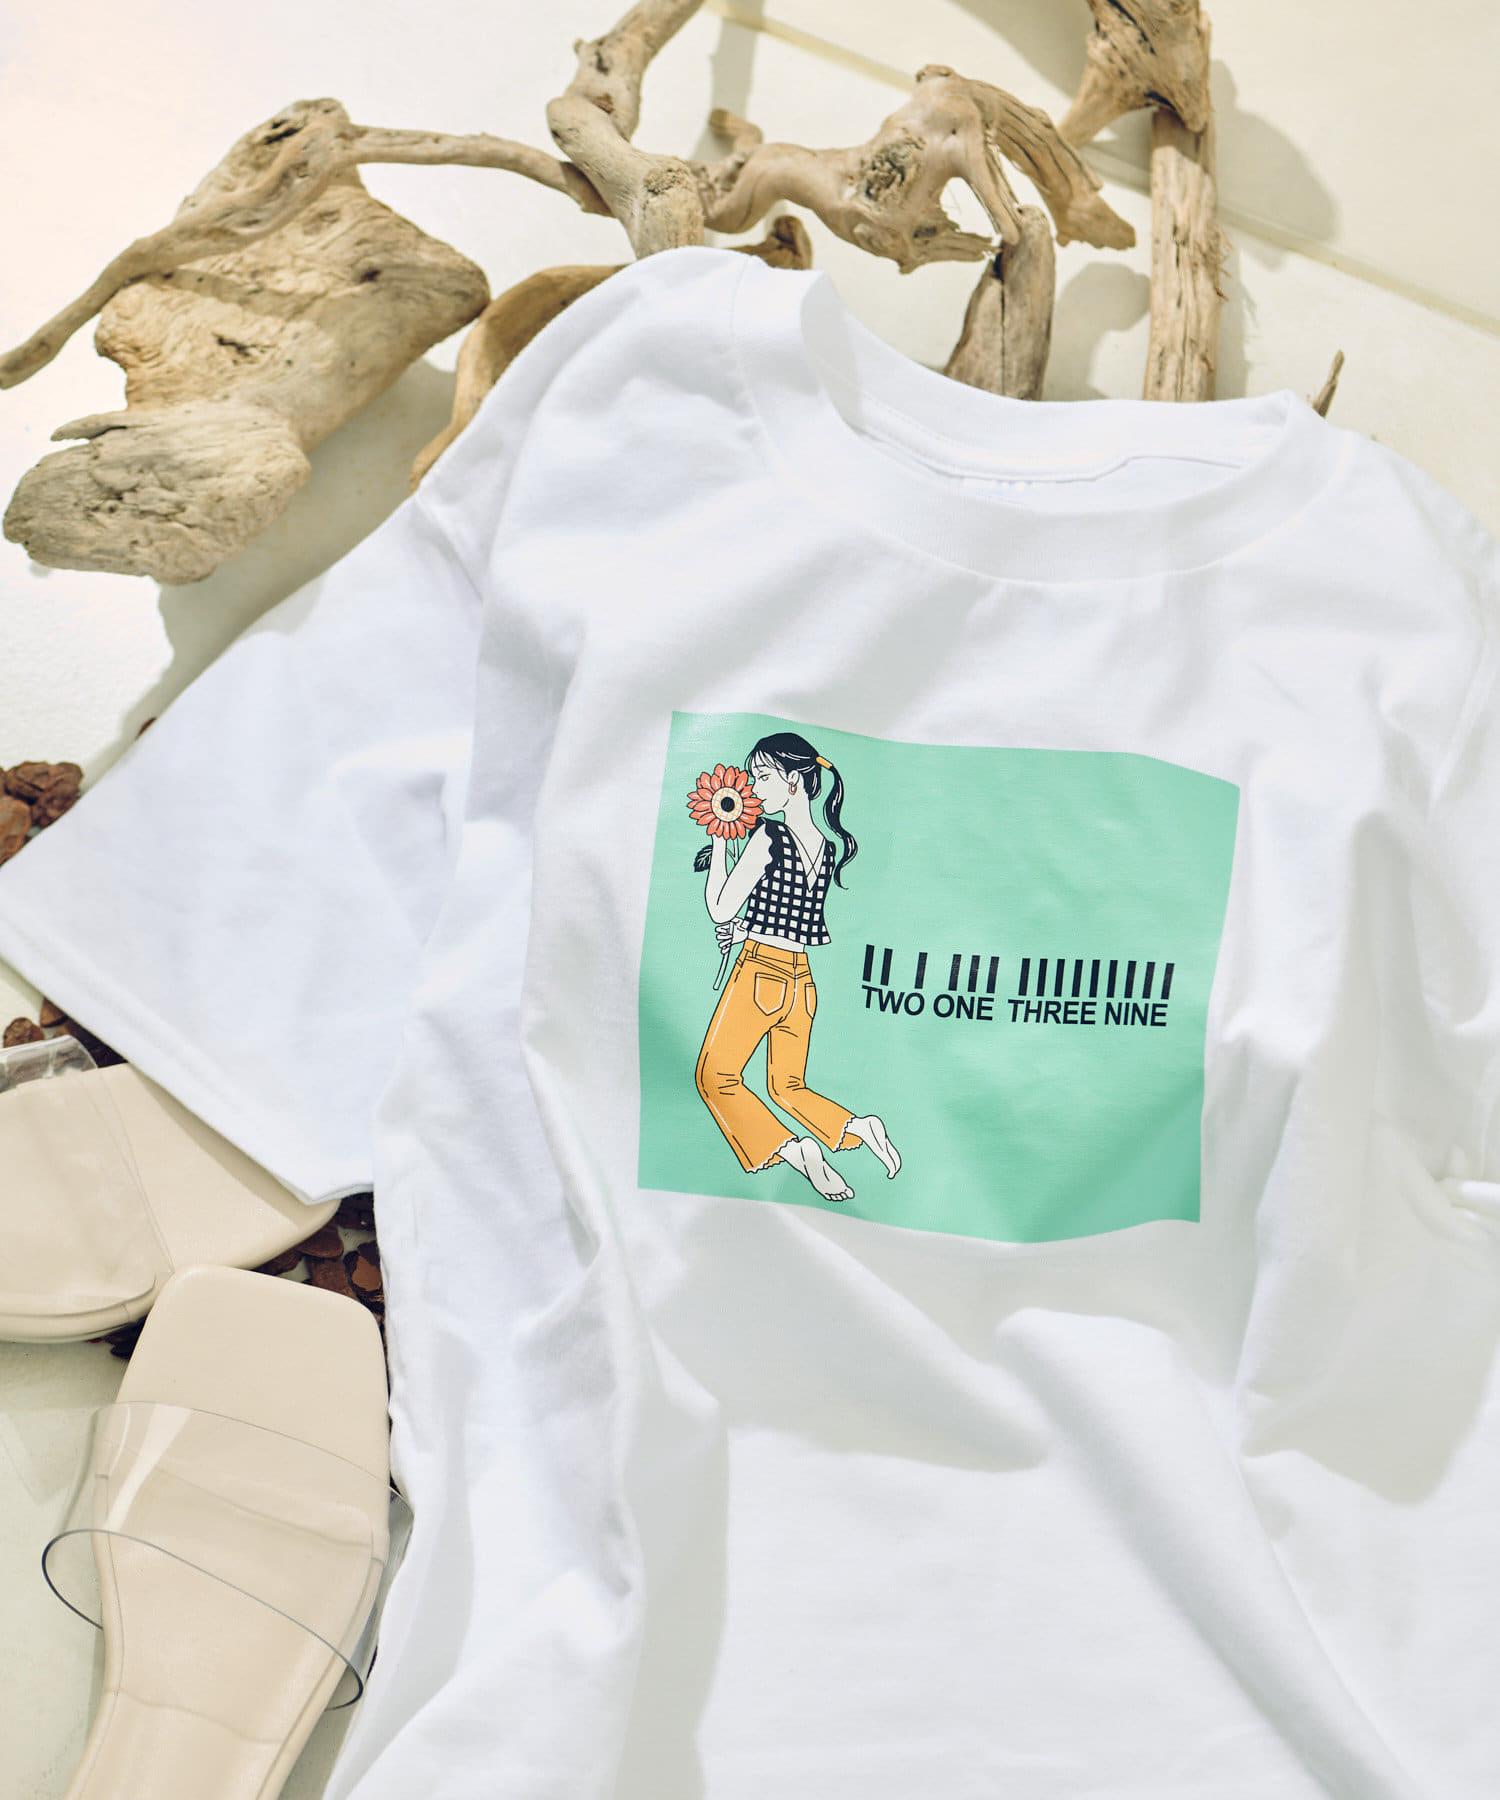 COLONY 2139(コロニー トゥーワンスリーナイン) レディース イラストレーターコラボTシャツ ミント